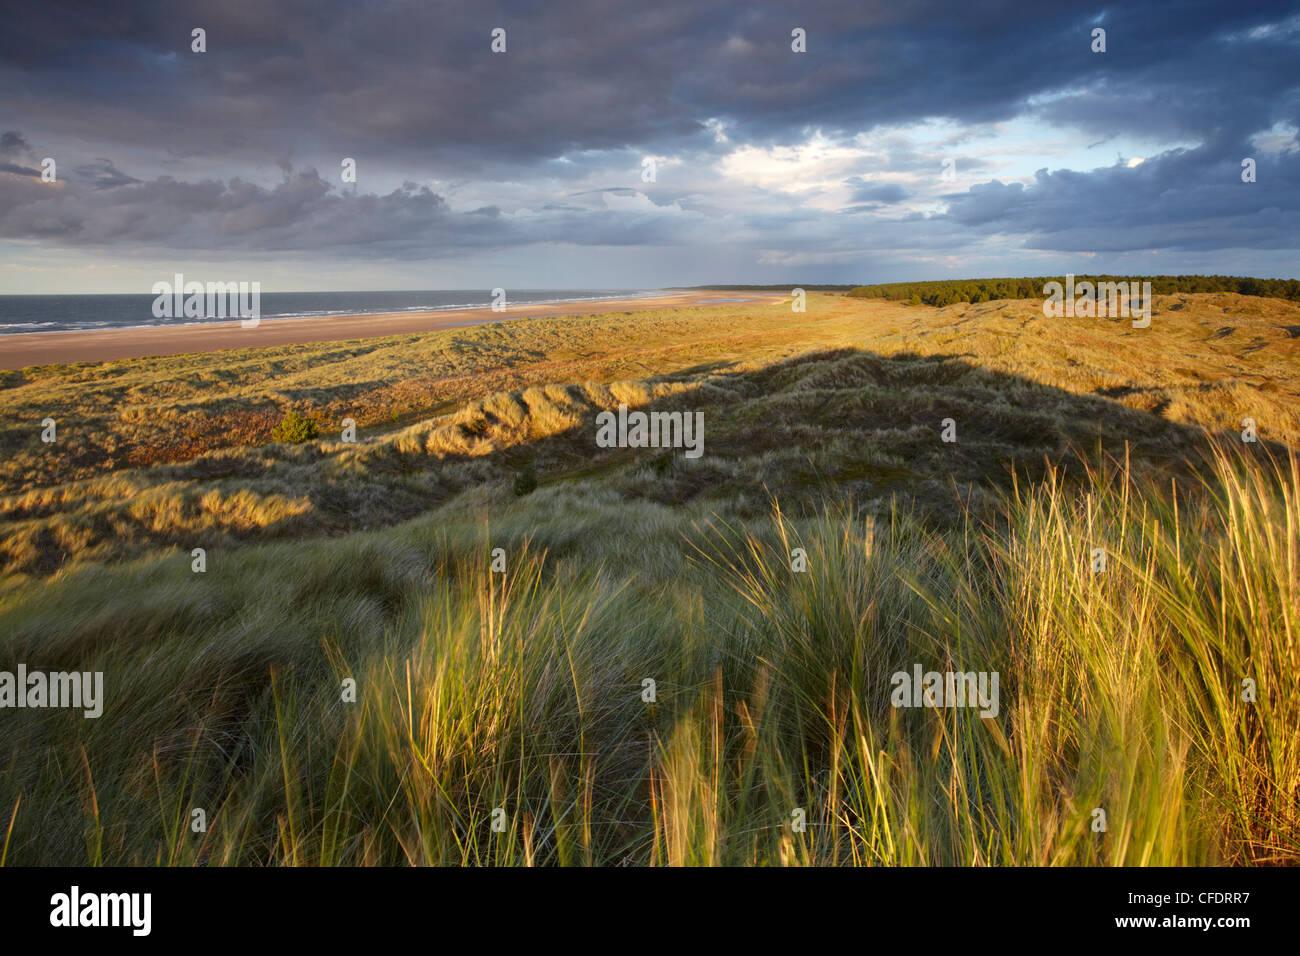 Dramatic last light on the dunes overlooking Holkham Bay, Norfolk, England, United Kingdom, Europe - Stock Image